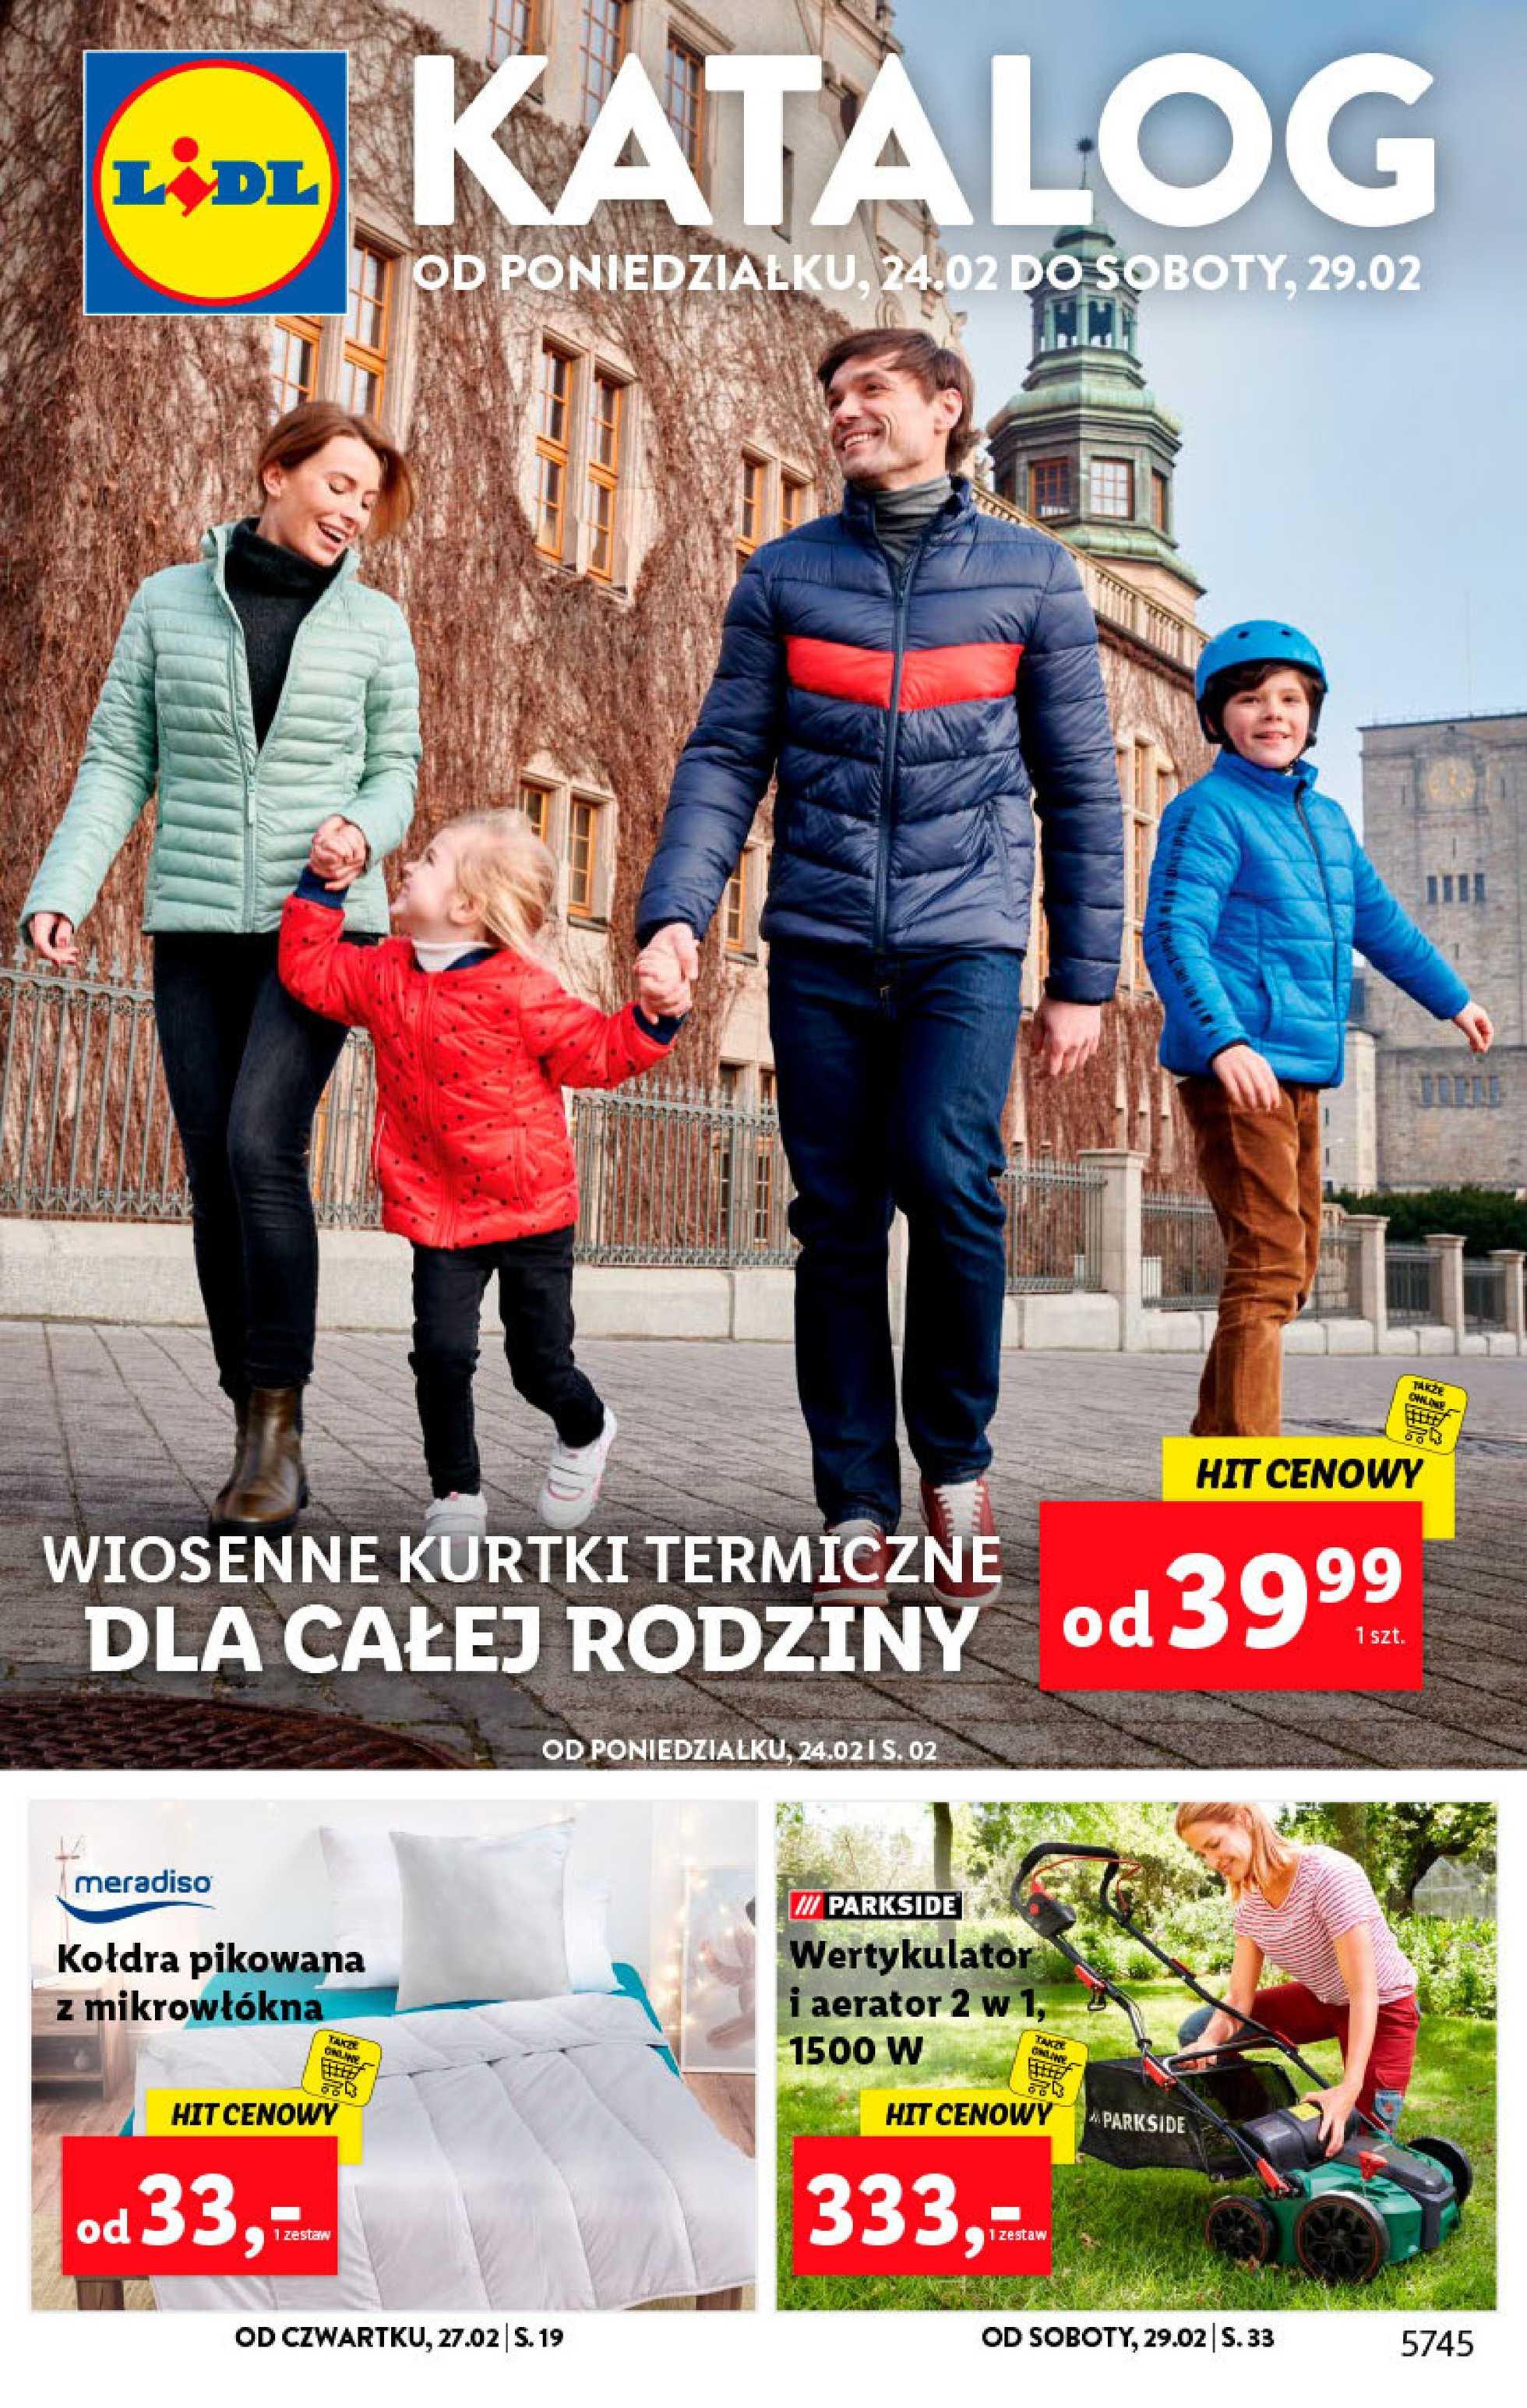 Lidl - gazetka promocyjna ważna od 24.02.2020 do 29.02.2020 - strona 1.